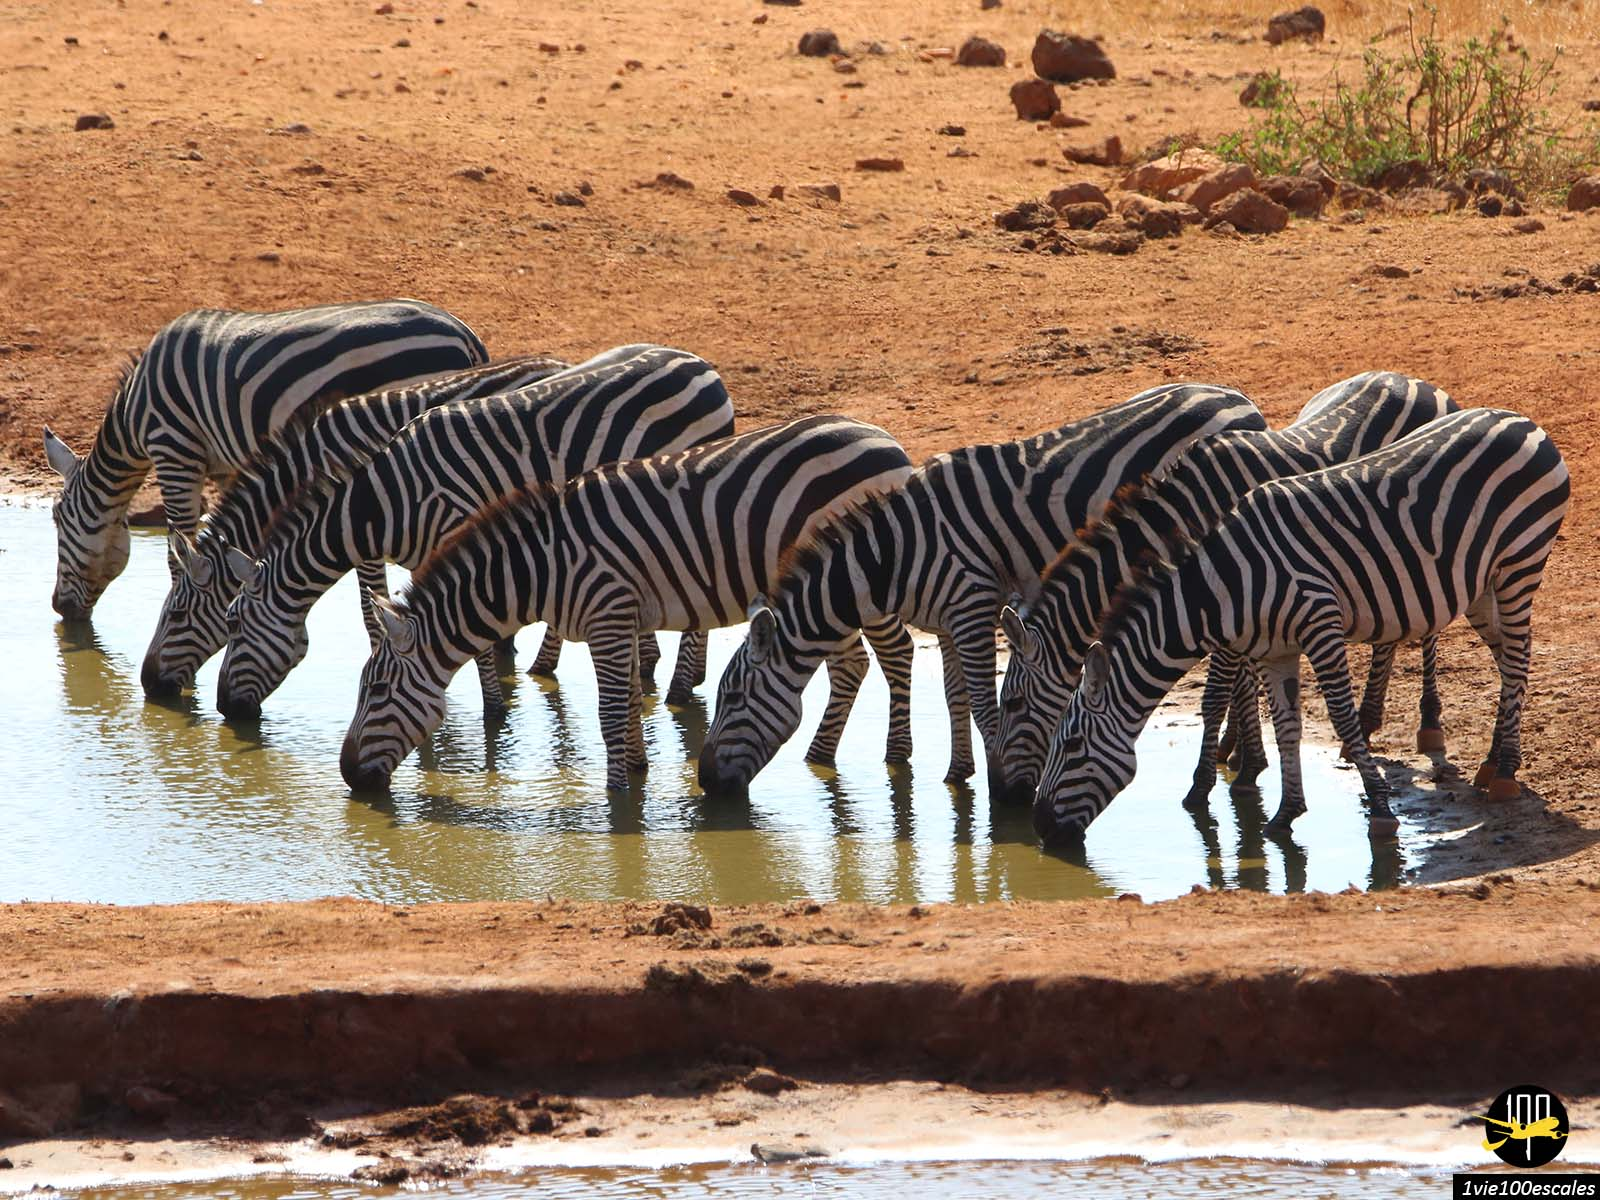 Escale #099 Parc national de Tsavo West